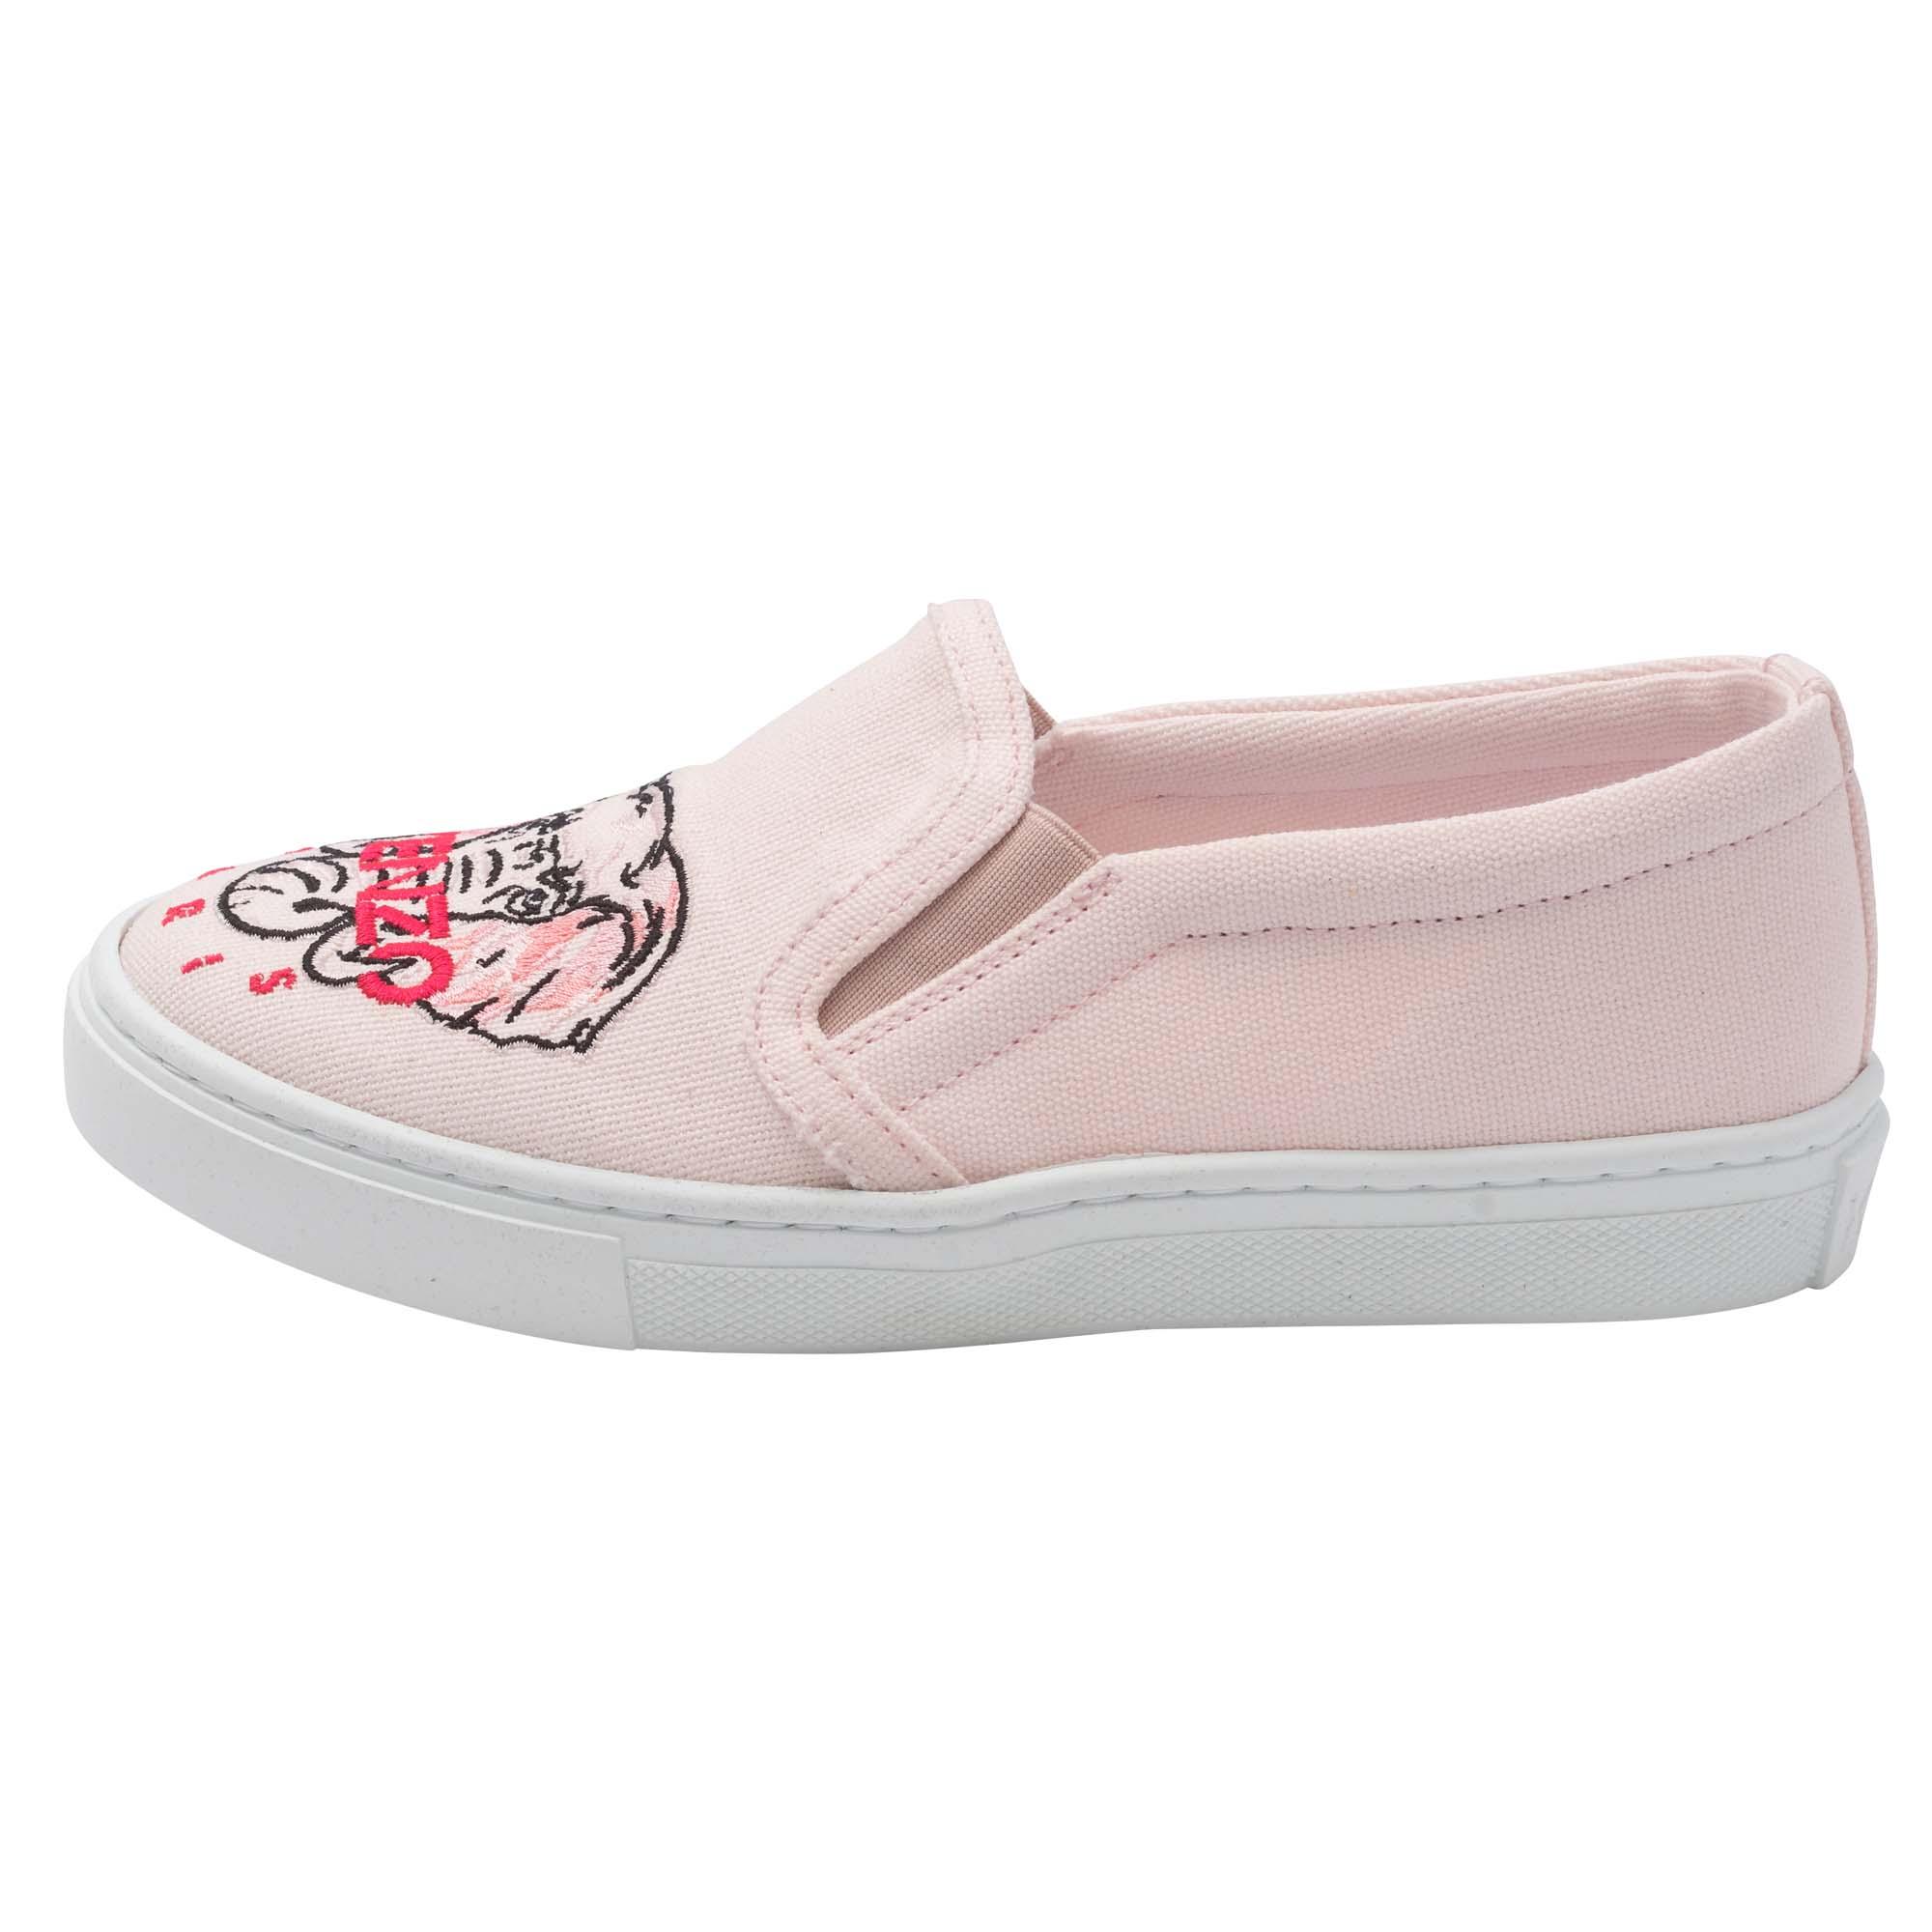 Chaussures en coton brodé KENZO KIDS pour FILLE